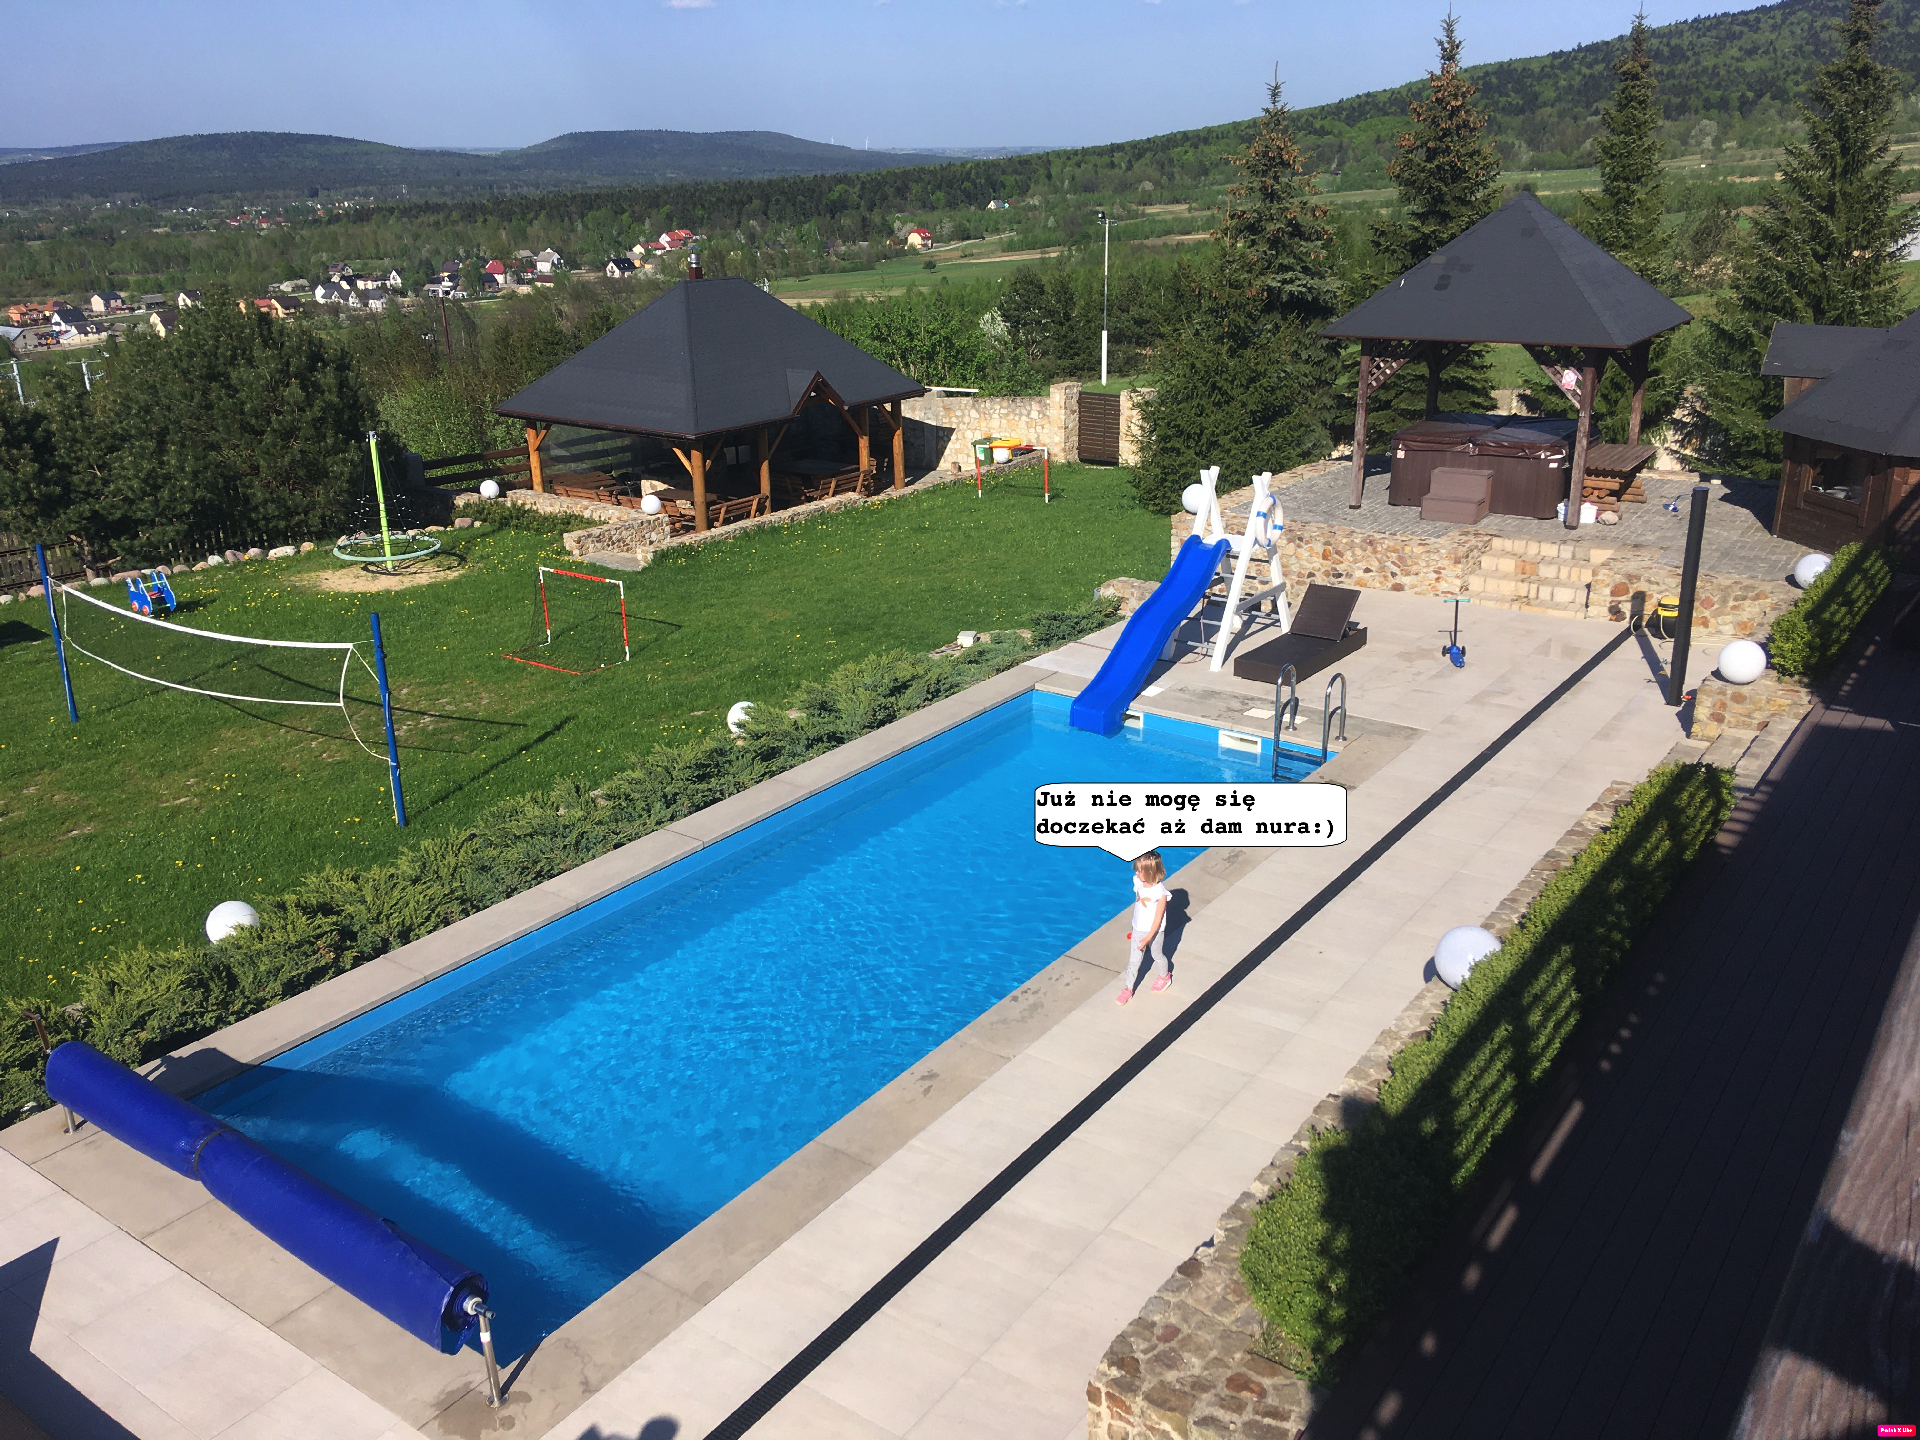 Ferienwohnung für 6 Personen ca. 60 m² i Bauernhof in Polen